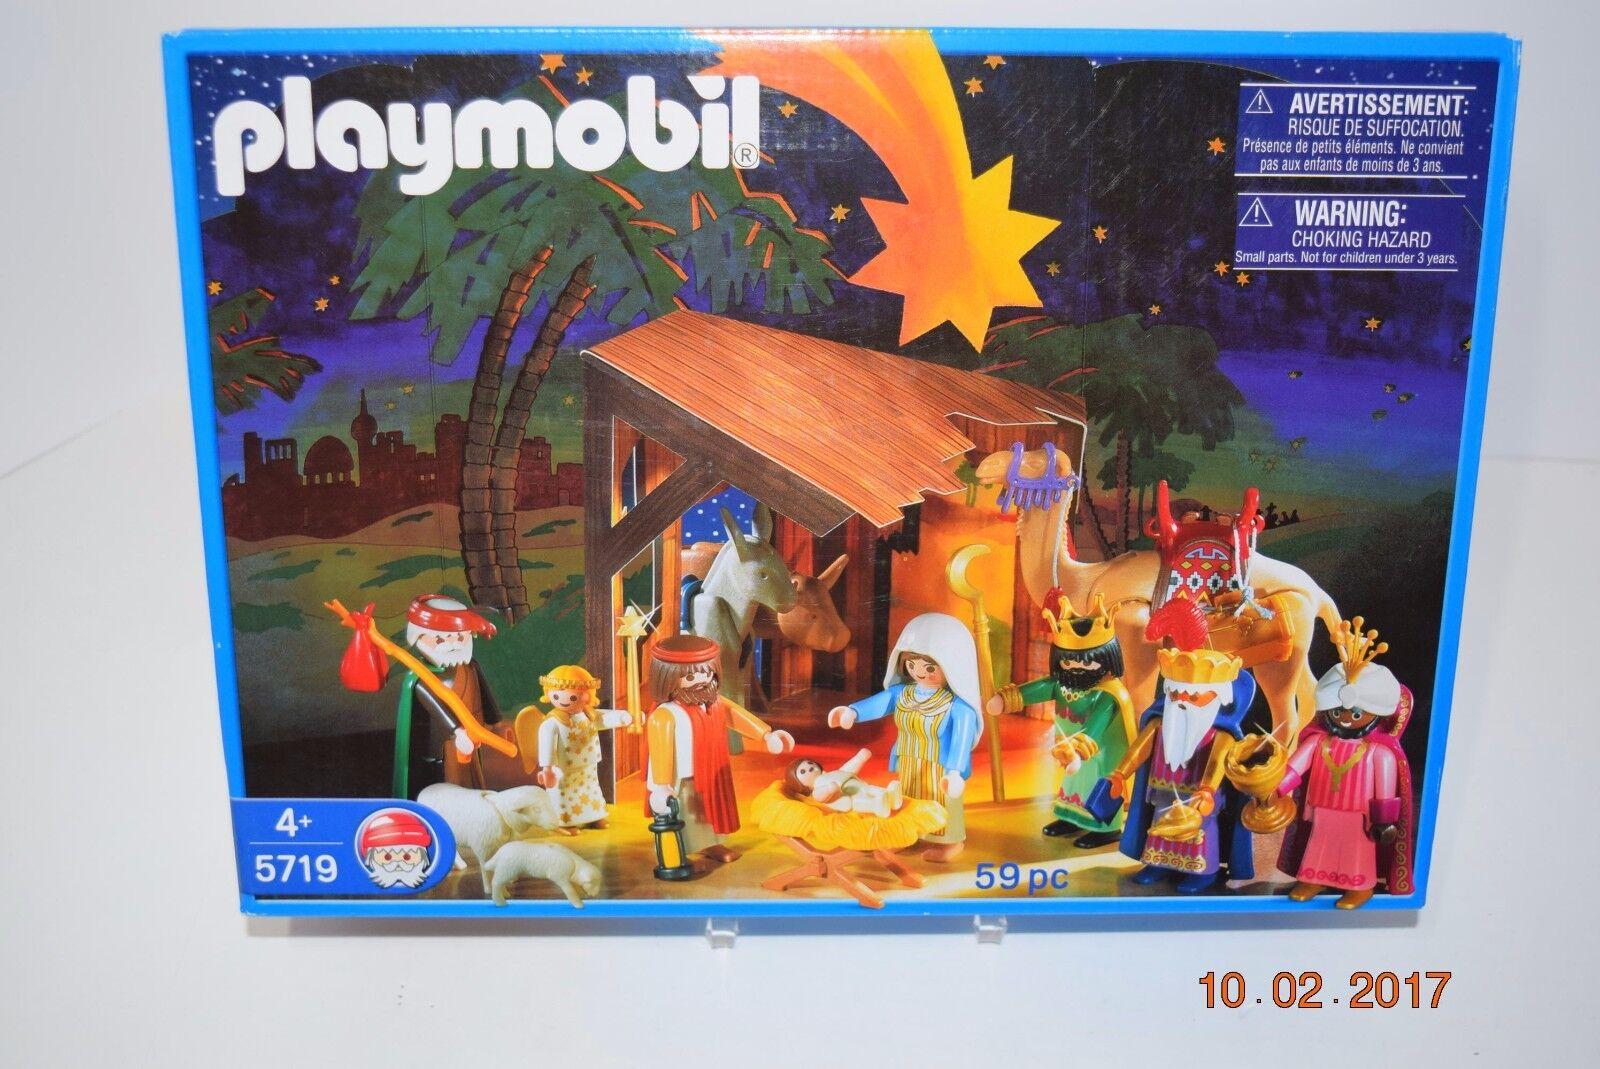 Playmobil 5719 Nativity Set, Age  4+, Boy or Girl, Retirosso, See Picts, Rare, NIB  risparmia il 60% di sconto